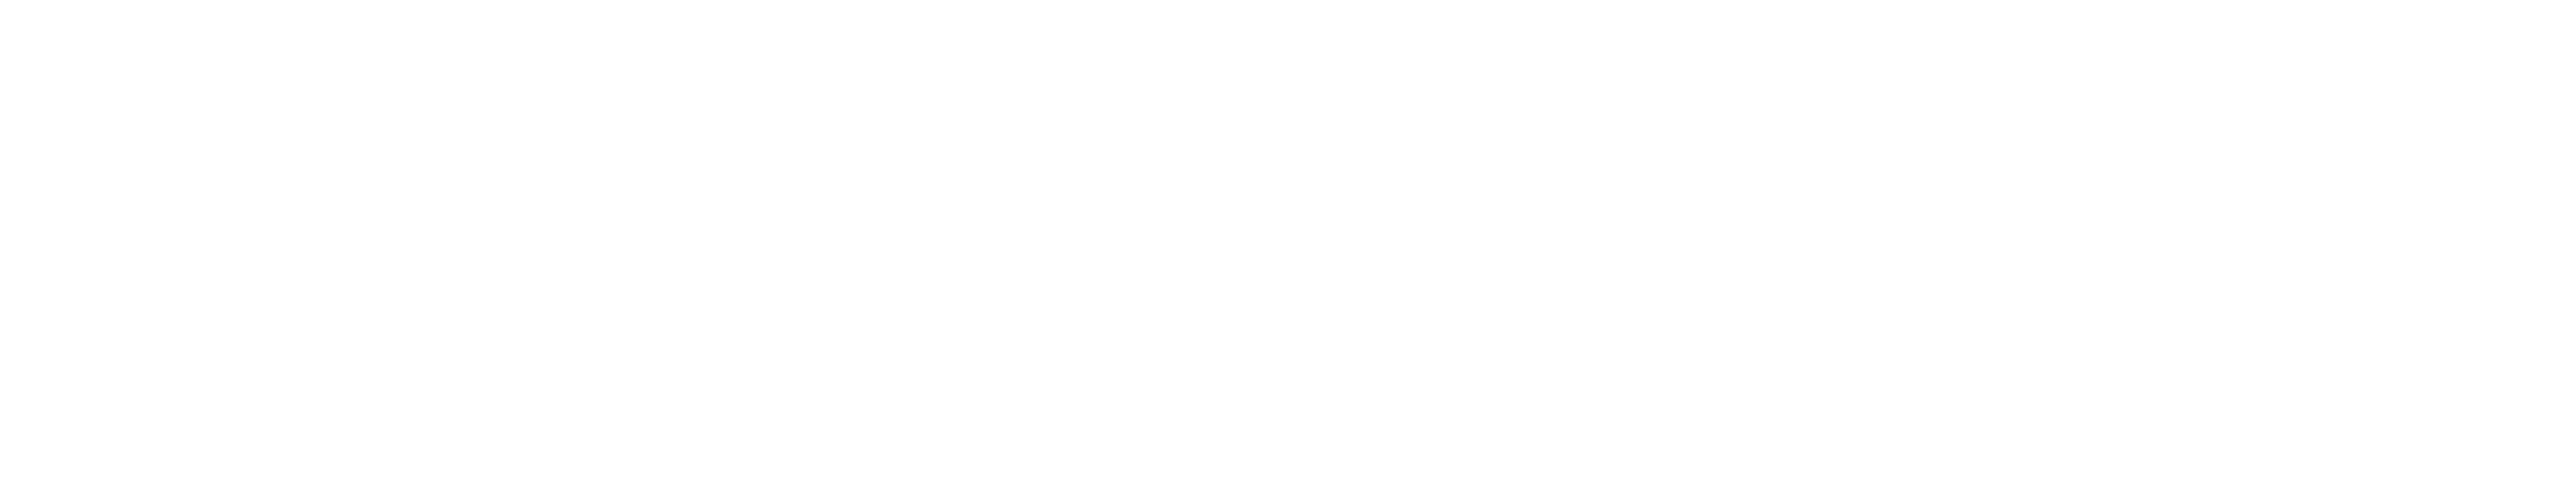 coaching-logo white version